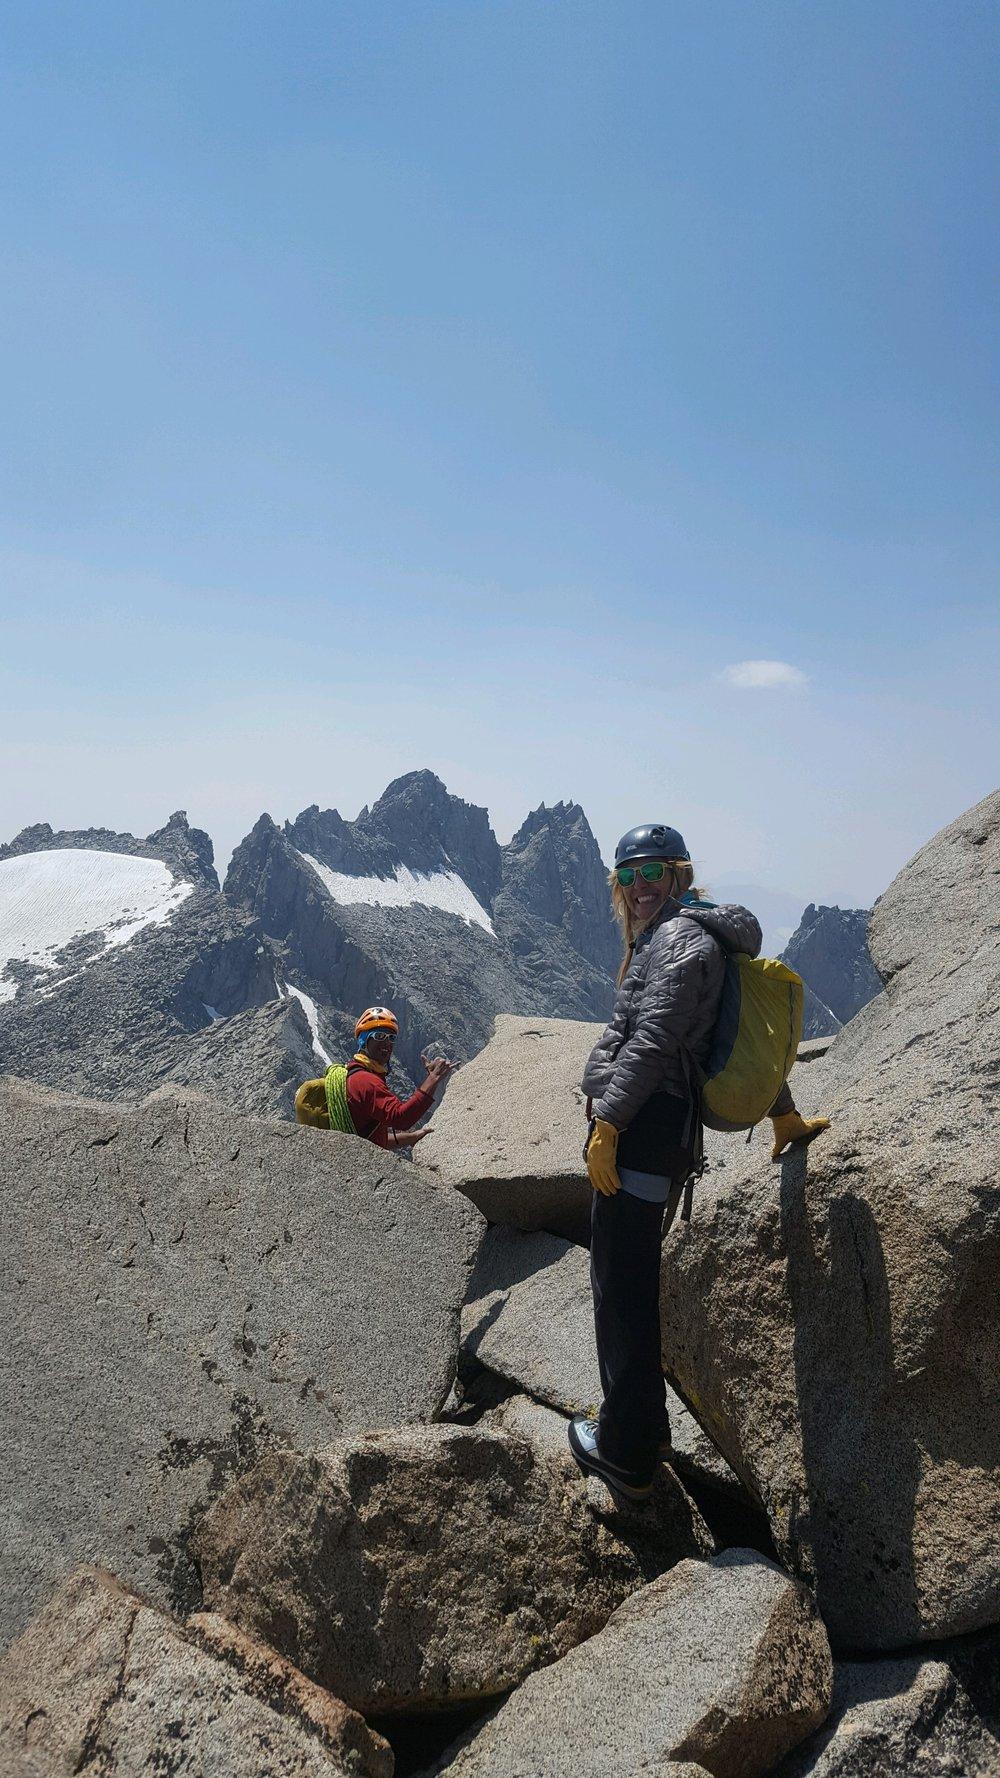 Eastern Sierra Alpine Climbing Mount Sill Swiss Arete